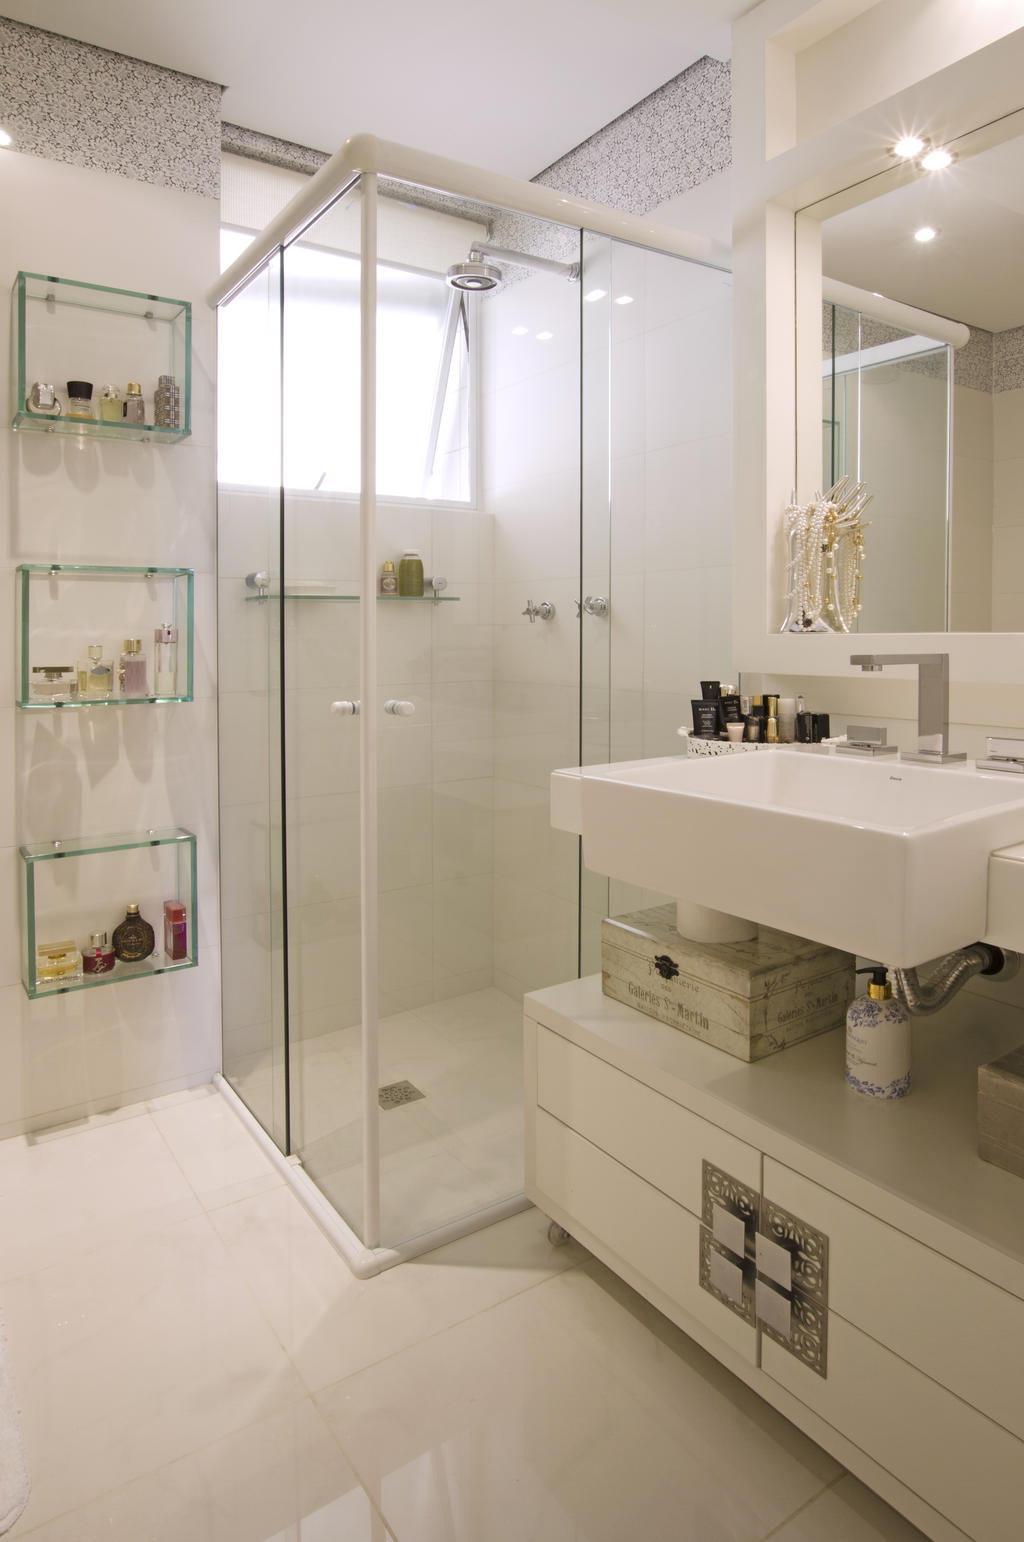 de vidro acomodam os vidros de perfumes coleção da cliente. Sob a #957636 1024x1542 Bancada Banheiro De Vidro